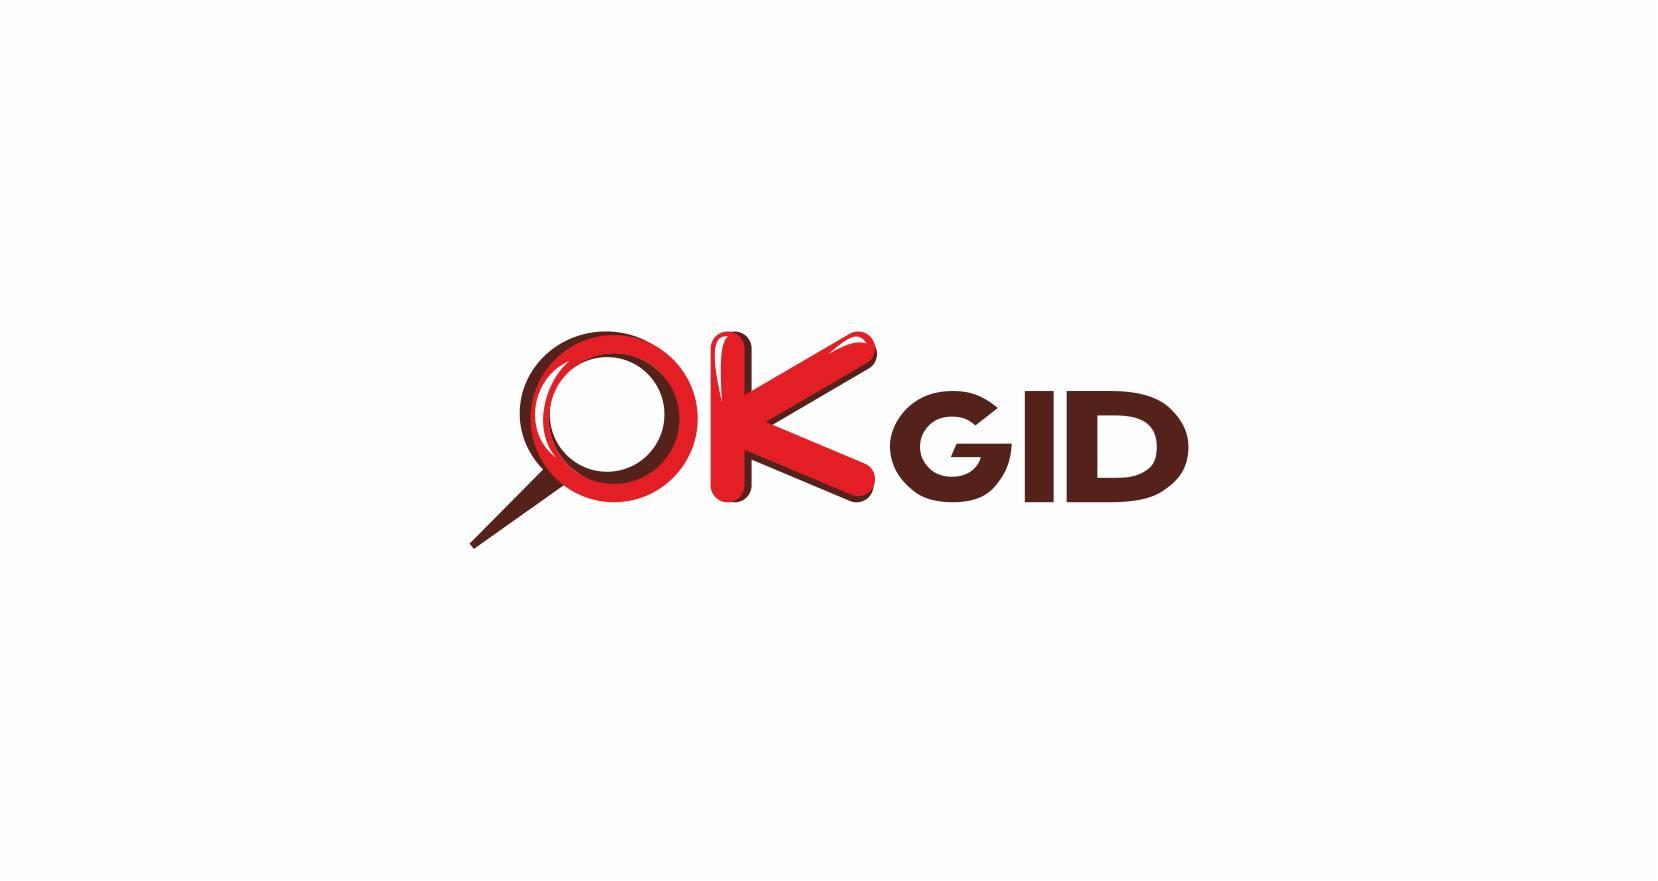 Логотип для сайта OKgid.ru фото f_36757d27daf1fbae.jpg